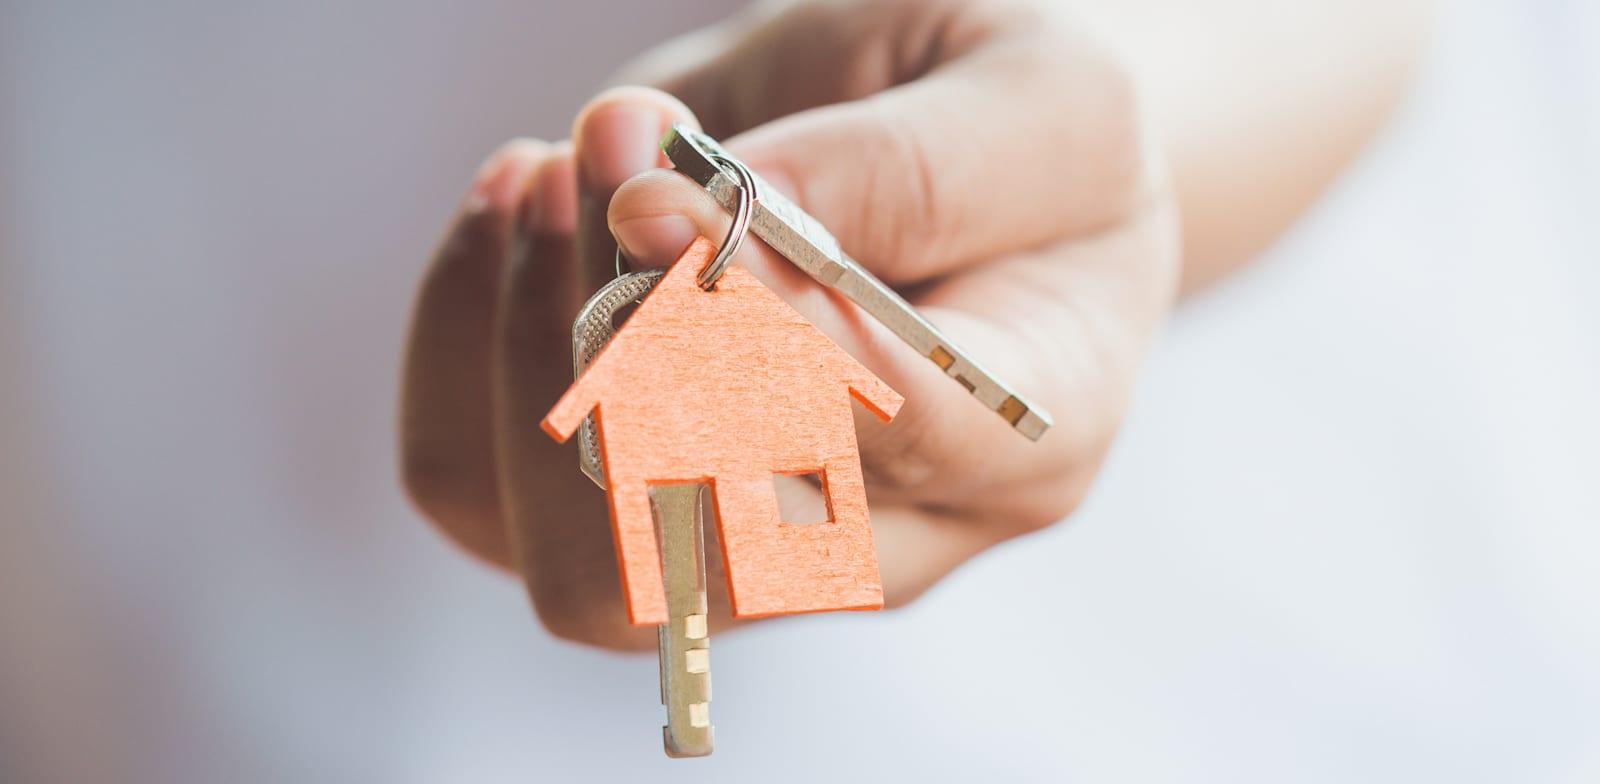 מסירת דירות / אילוסטרציה: Shutterstock, nednapa